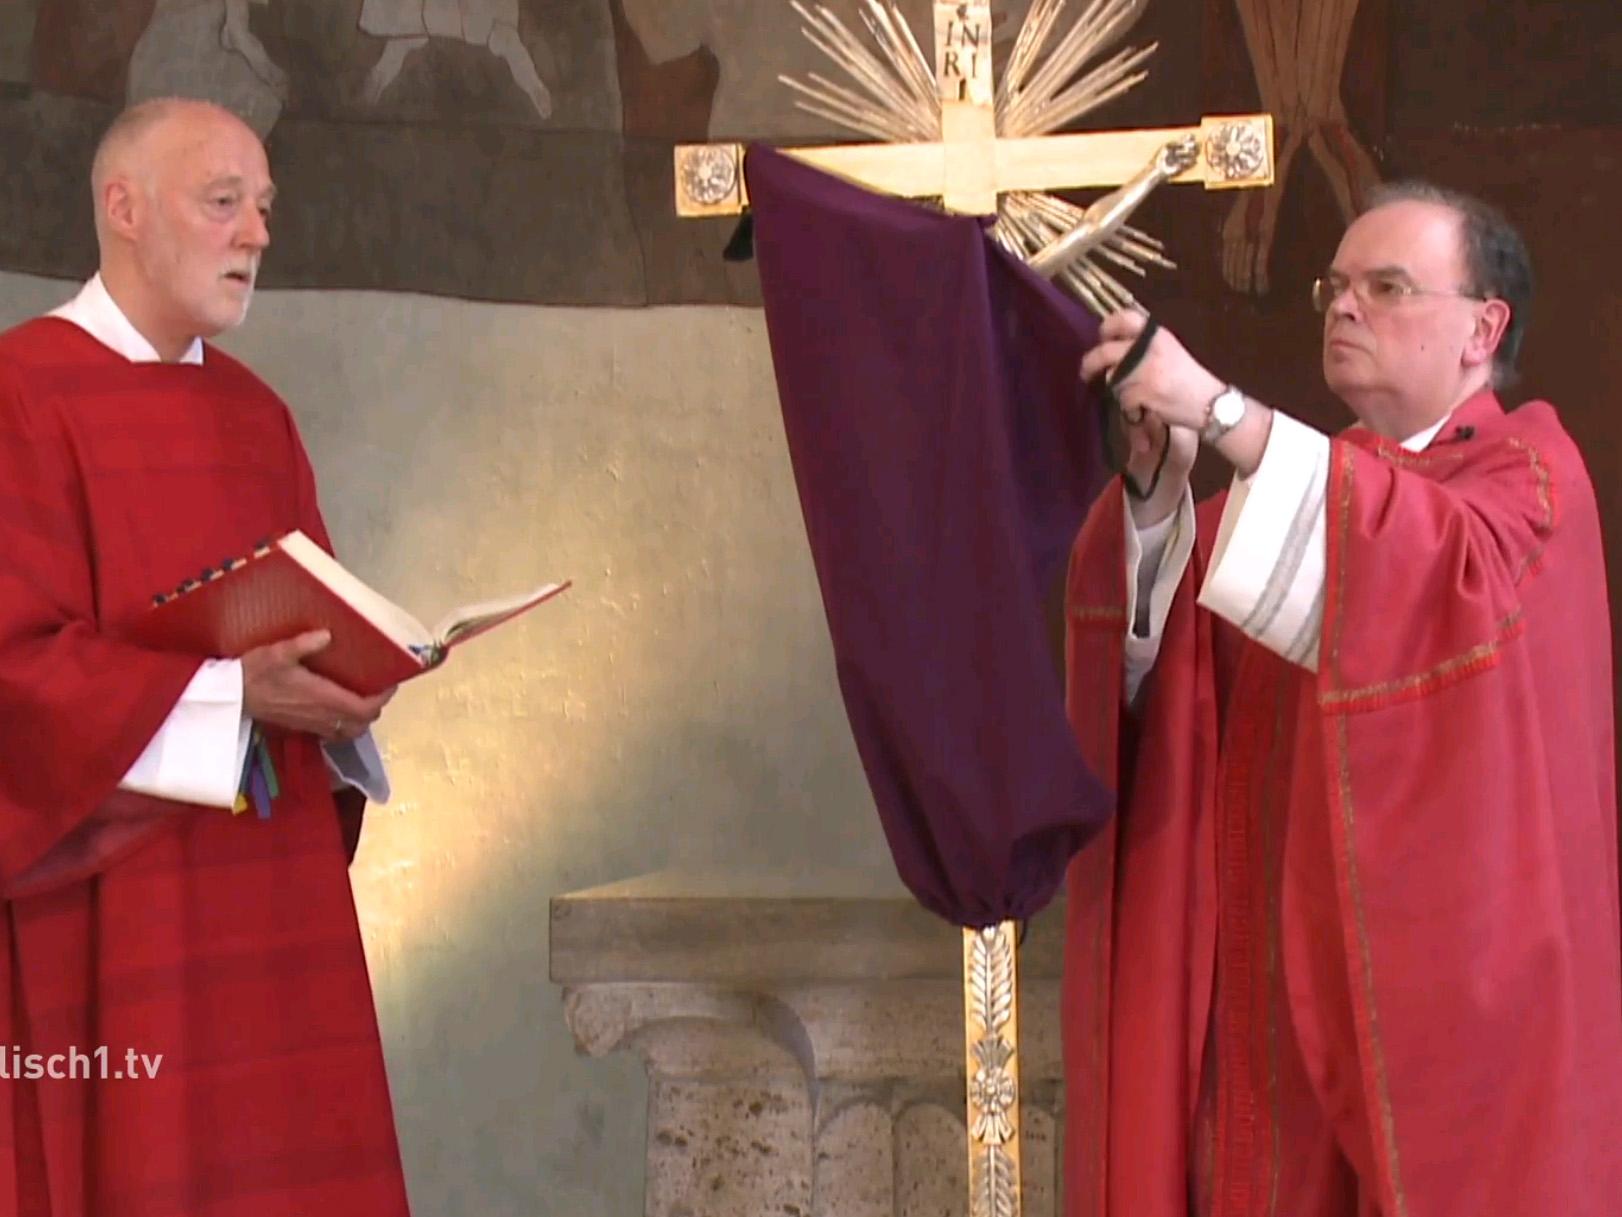 Bildquelle: katholisch1.tv